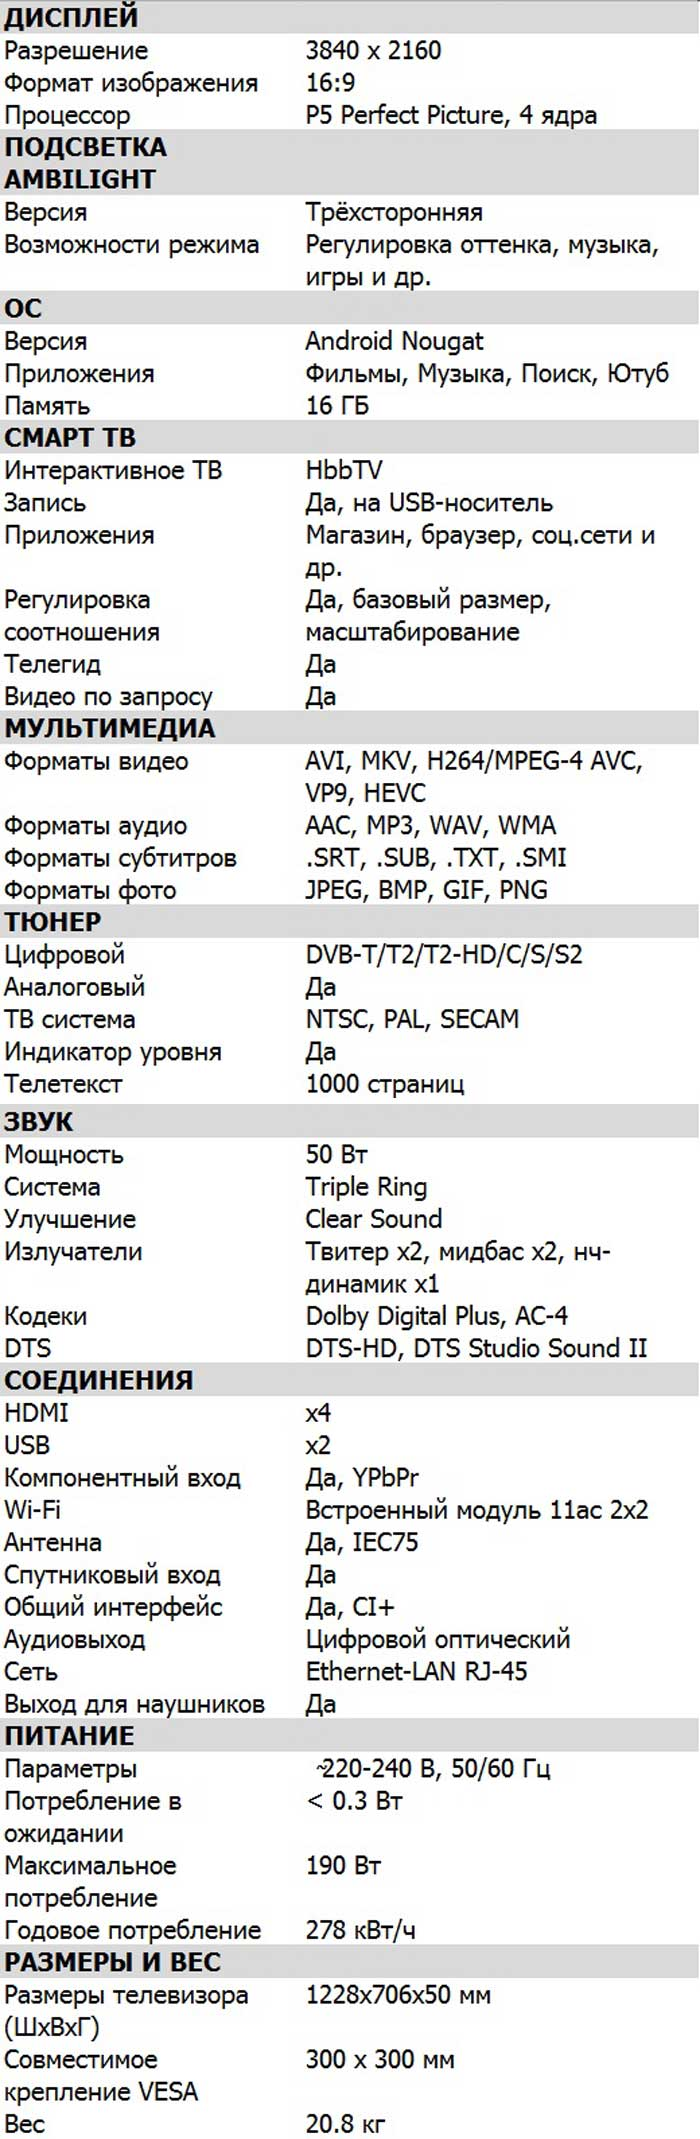 Характеристики OLED803